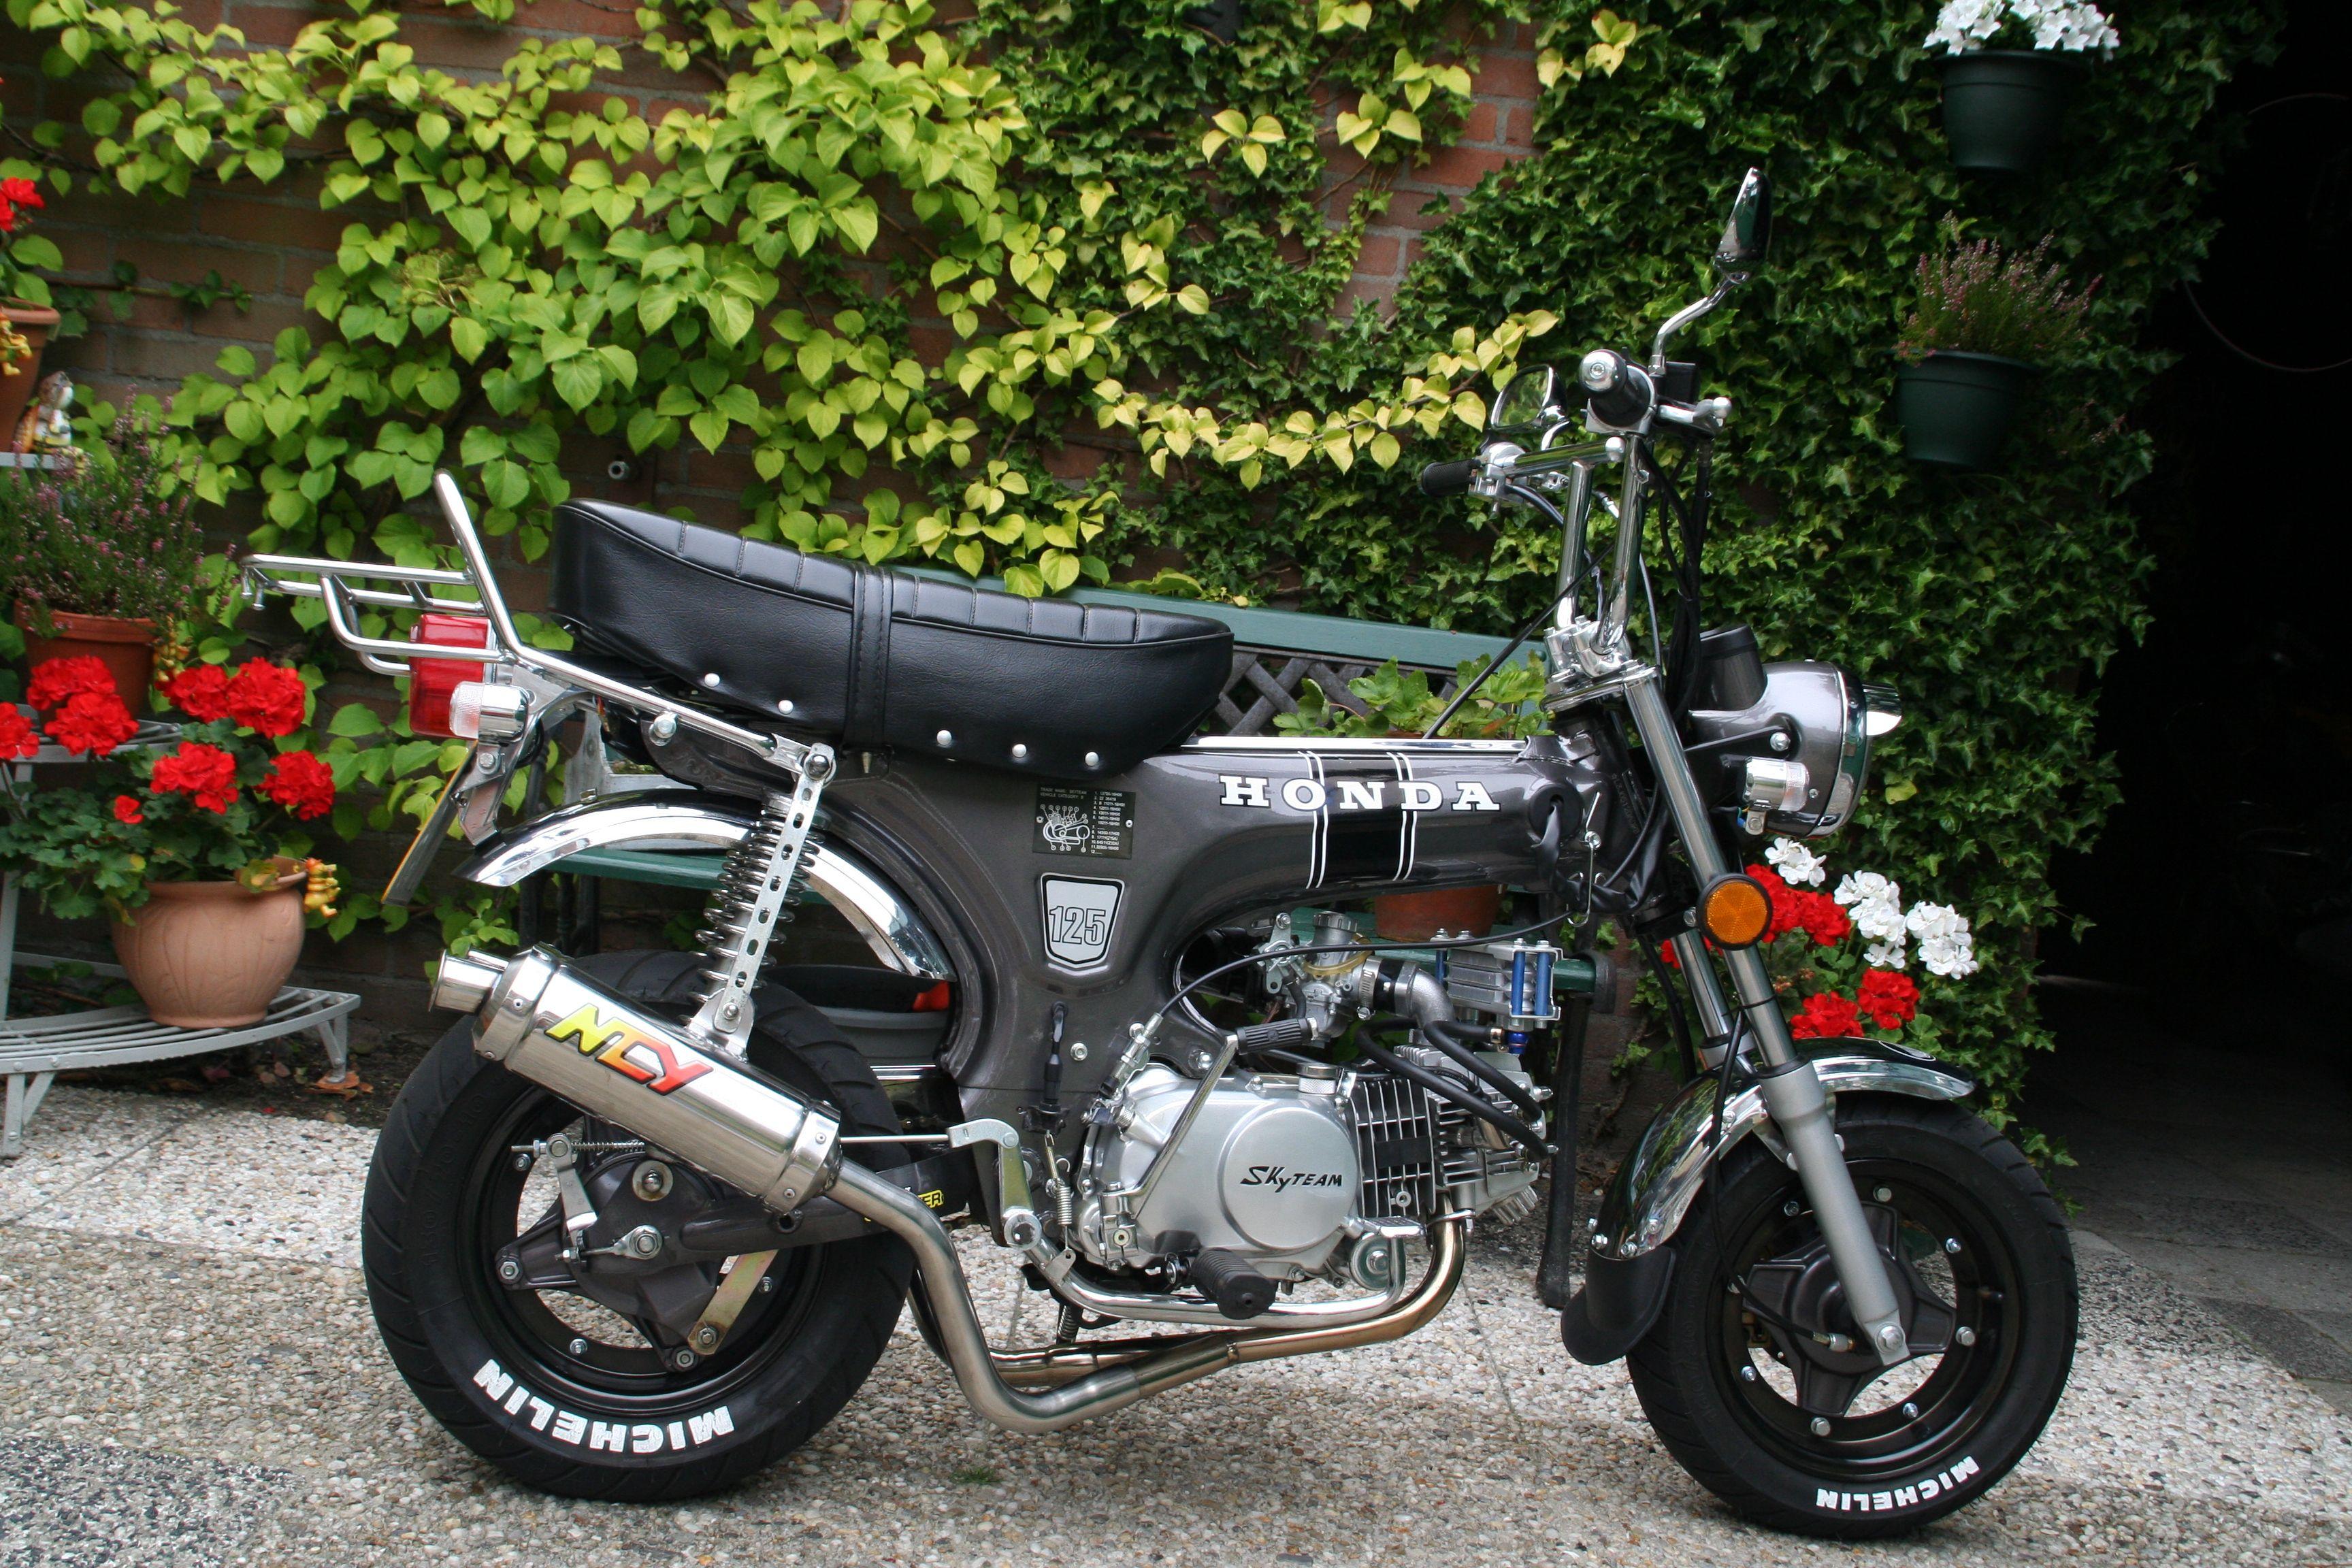 skyteam dax 125cc honda replica motos pinterest honda. Black Bedroom Furniture Sets. Home Design Ideas